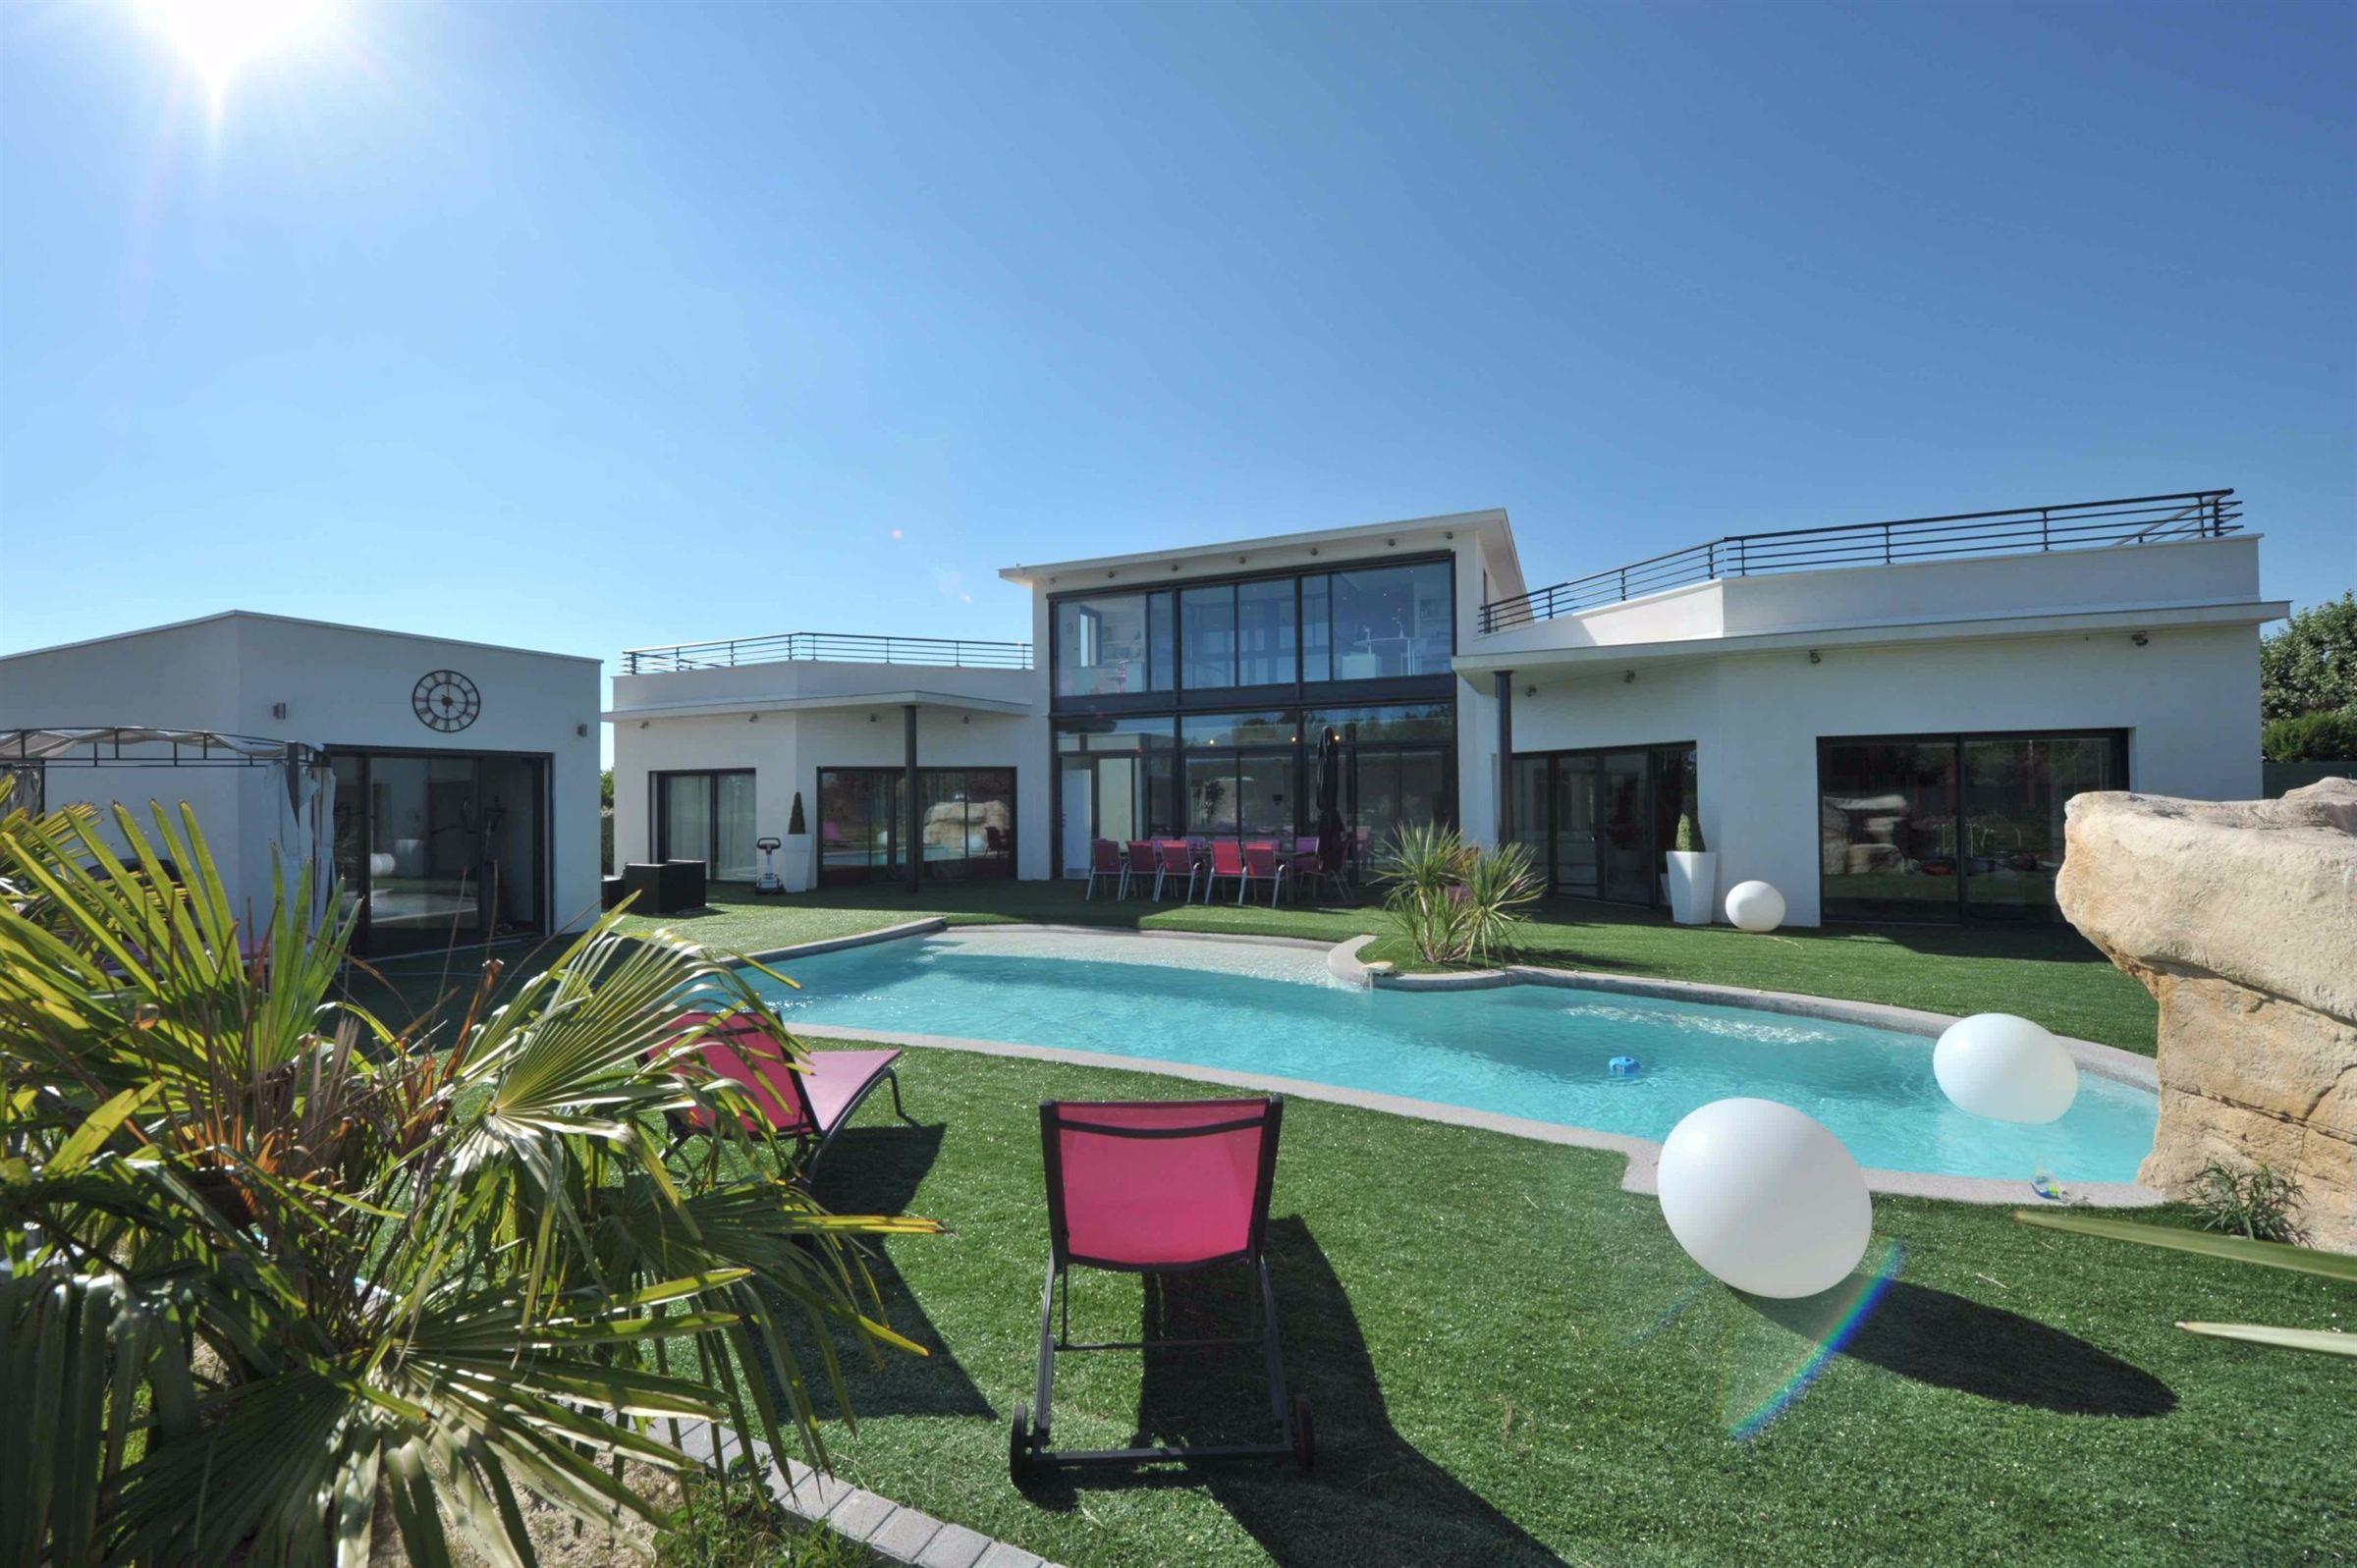 단독 가정 주택 용 매매 에 AIX EN PROVENCE - A DEUX PAS DU SET CLUB Other Provence-Alpes-Cote D'Azur, 프로벤스 앞ㄹ프스 코테 D'Azur, 13090 프랑스